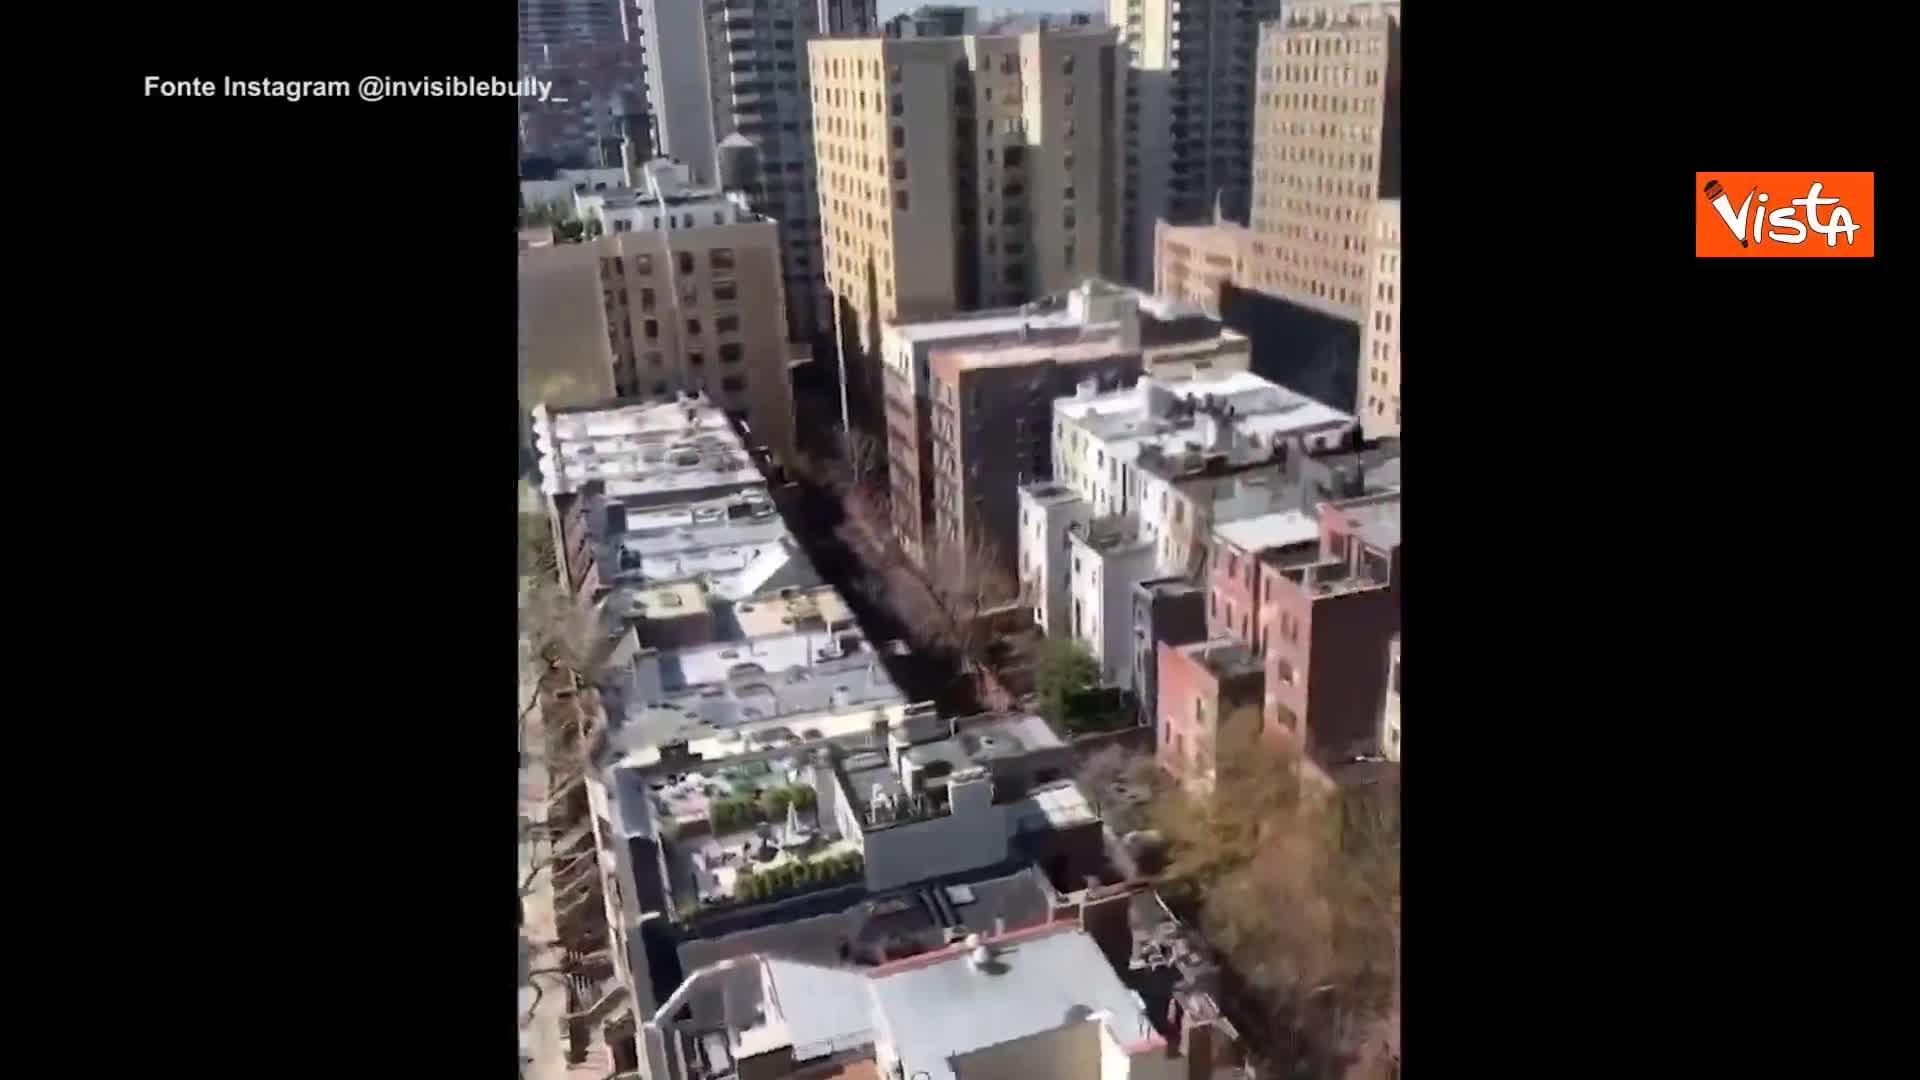 Musica dalle finestre a Brooklyn durante lo shutdown newyorkese